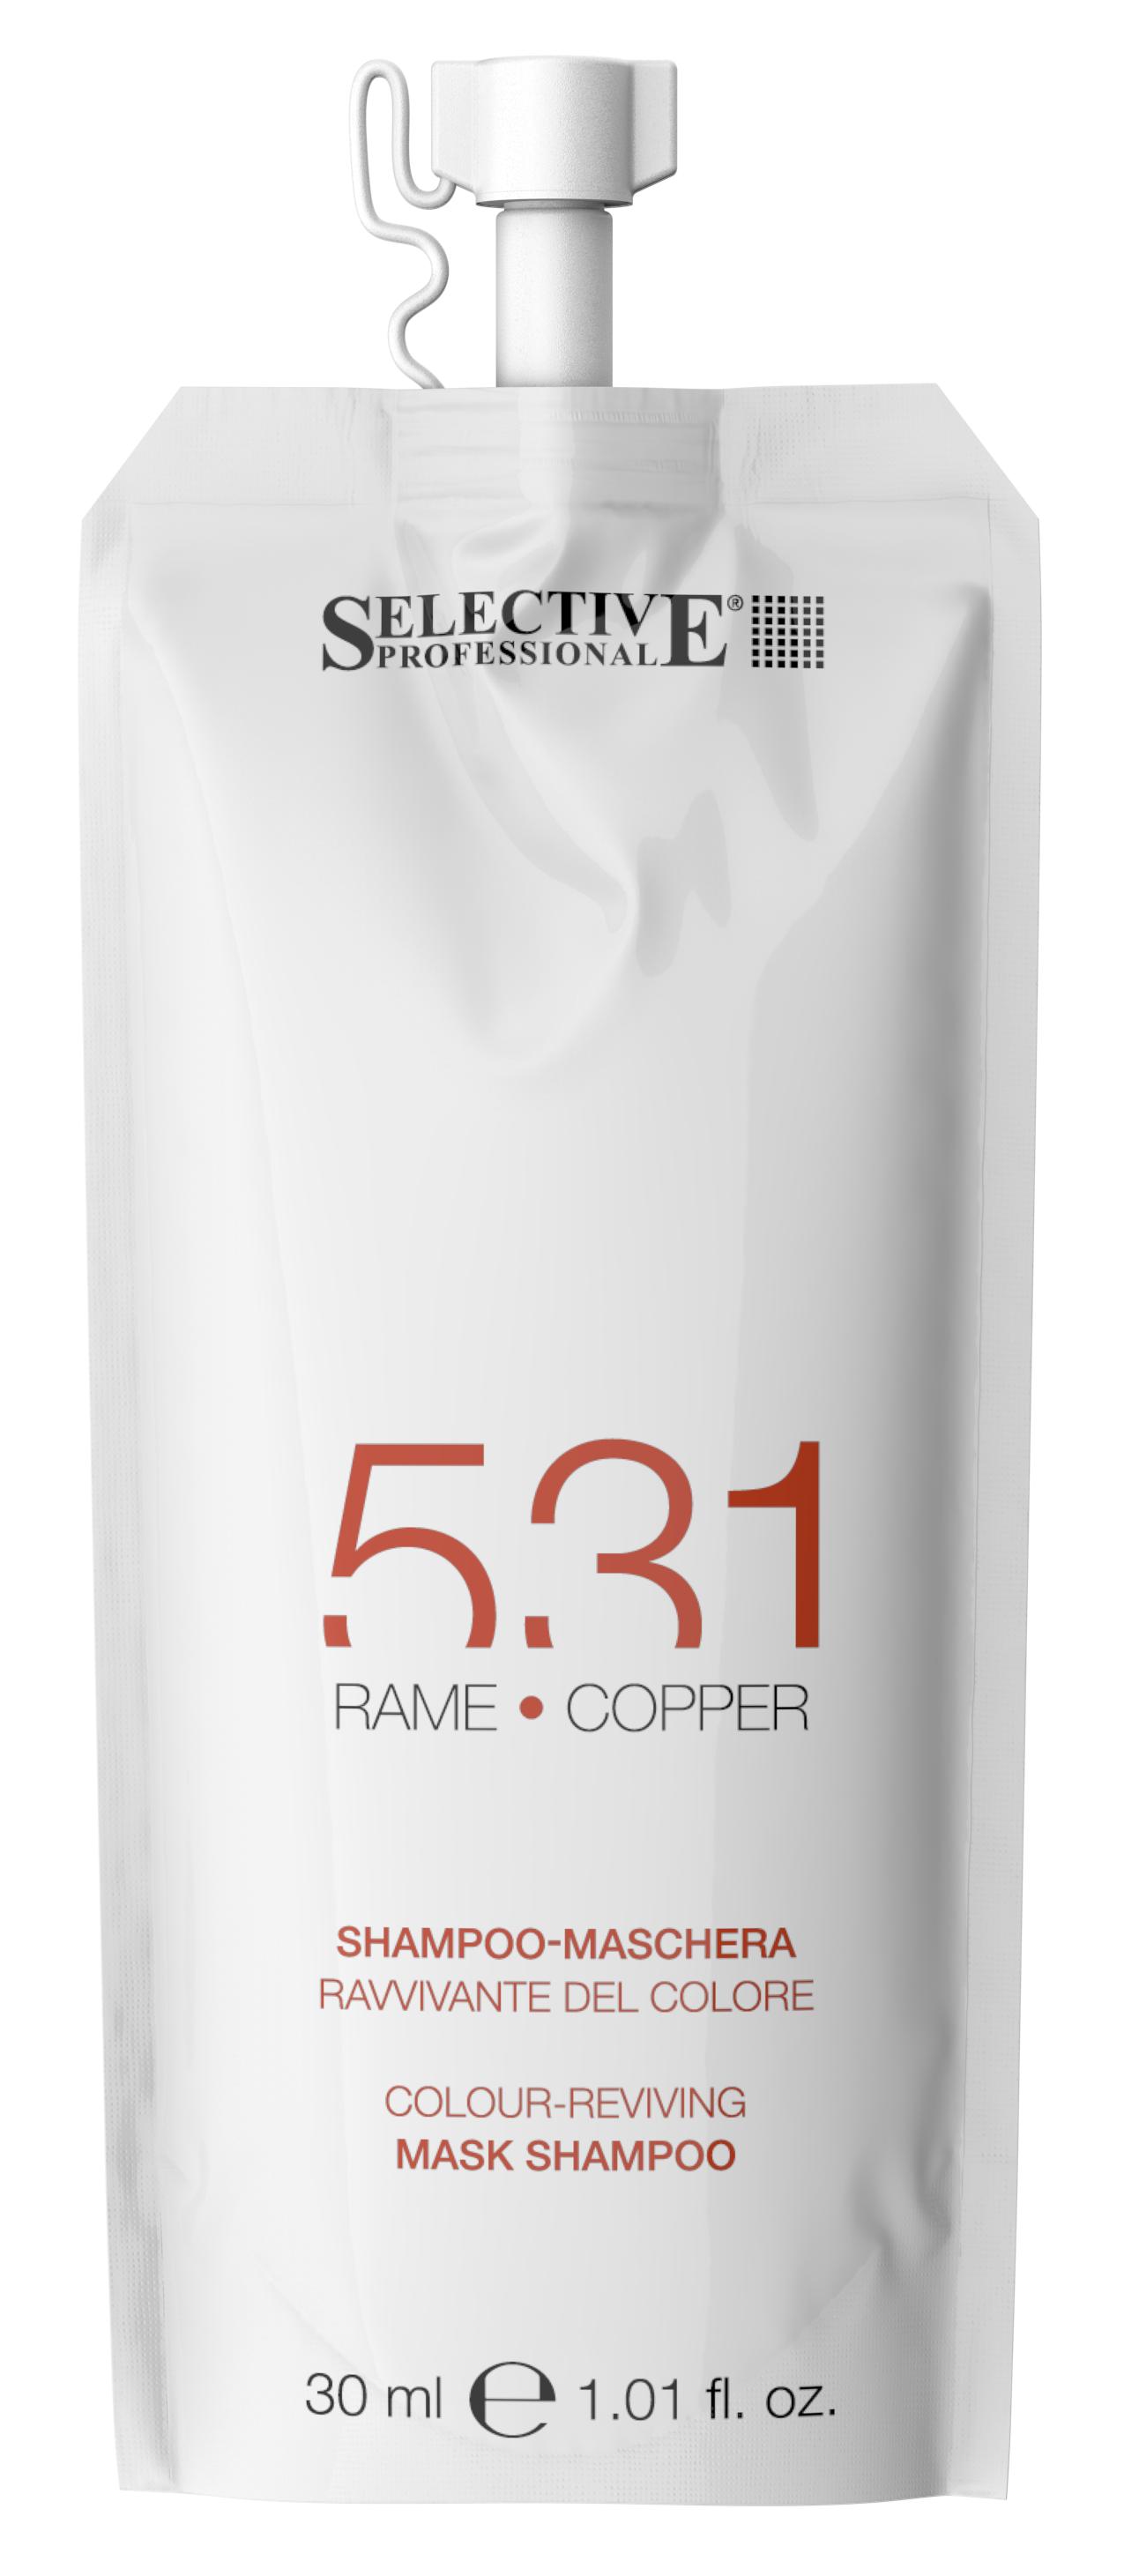 Купить SELECTIVE PROFESSIONAL Шампунь-маска для возобновления цвета волос 531, медный 30 мл